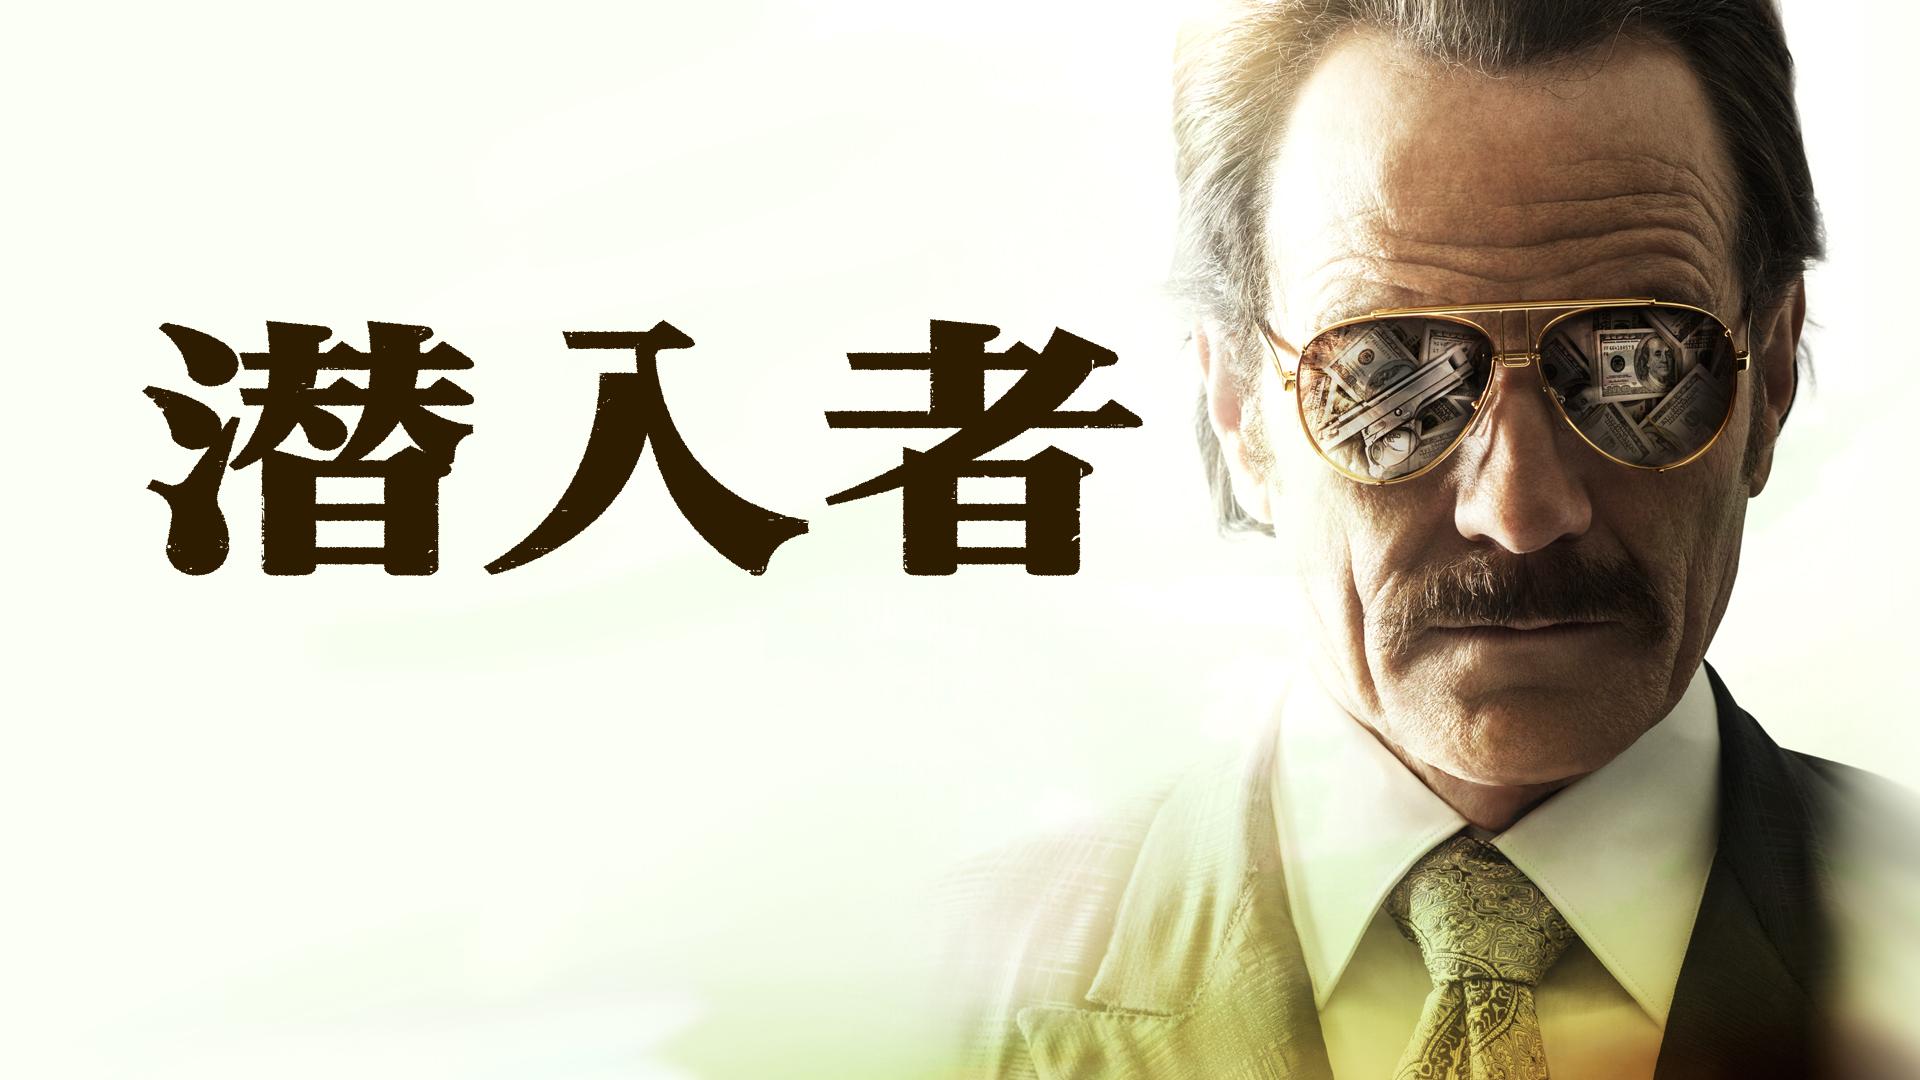 潜入者(字幕版)